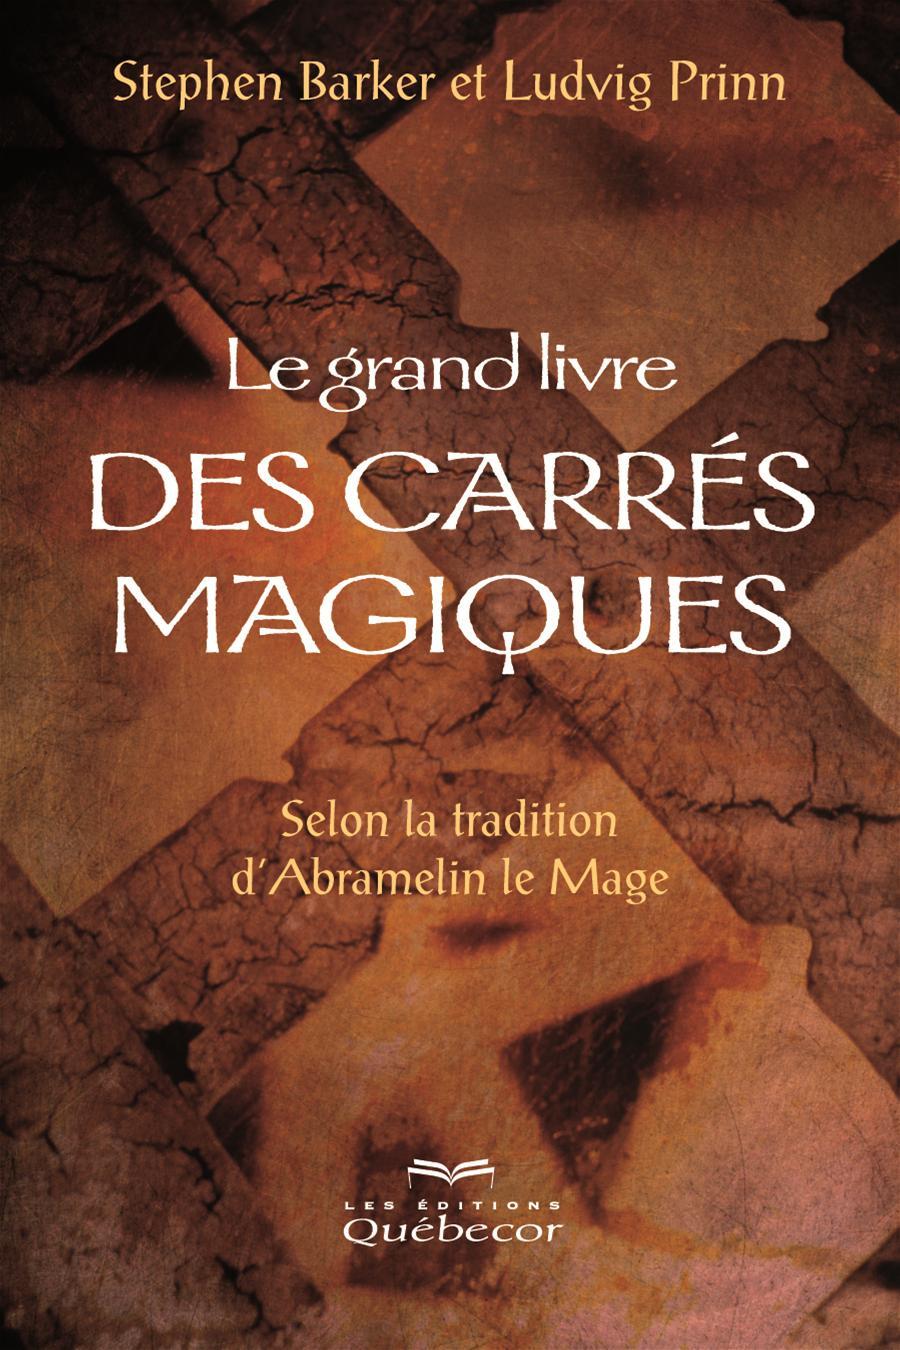 livre num u00e9rique epub le grand livre des carr u00e9s magiques